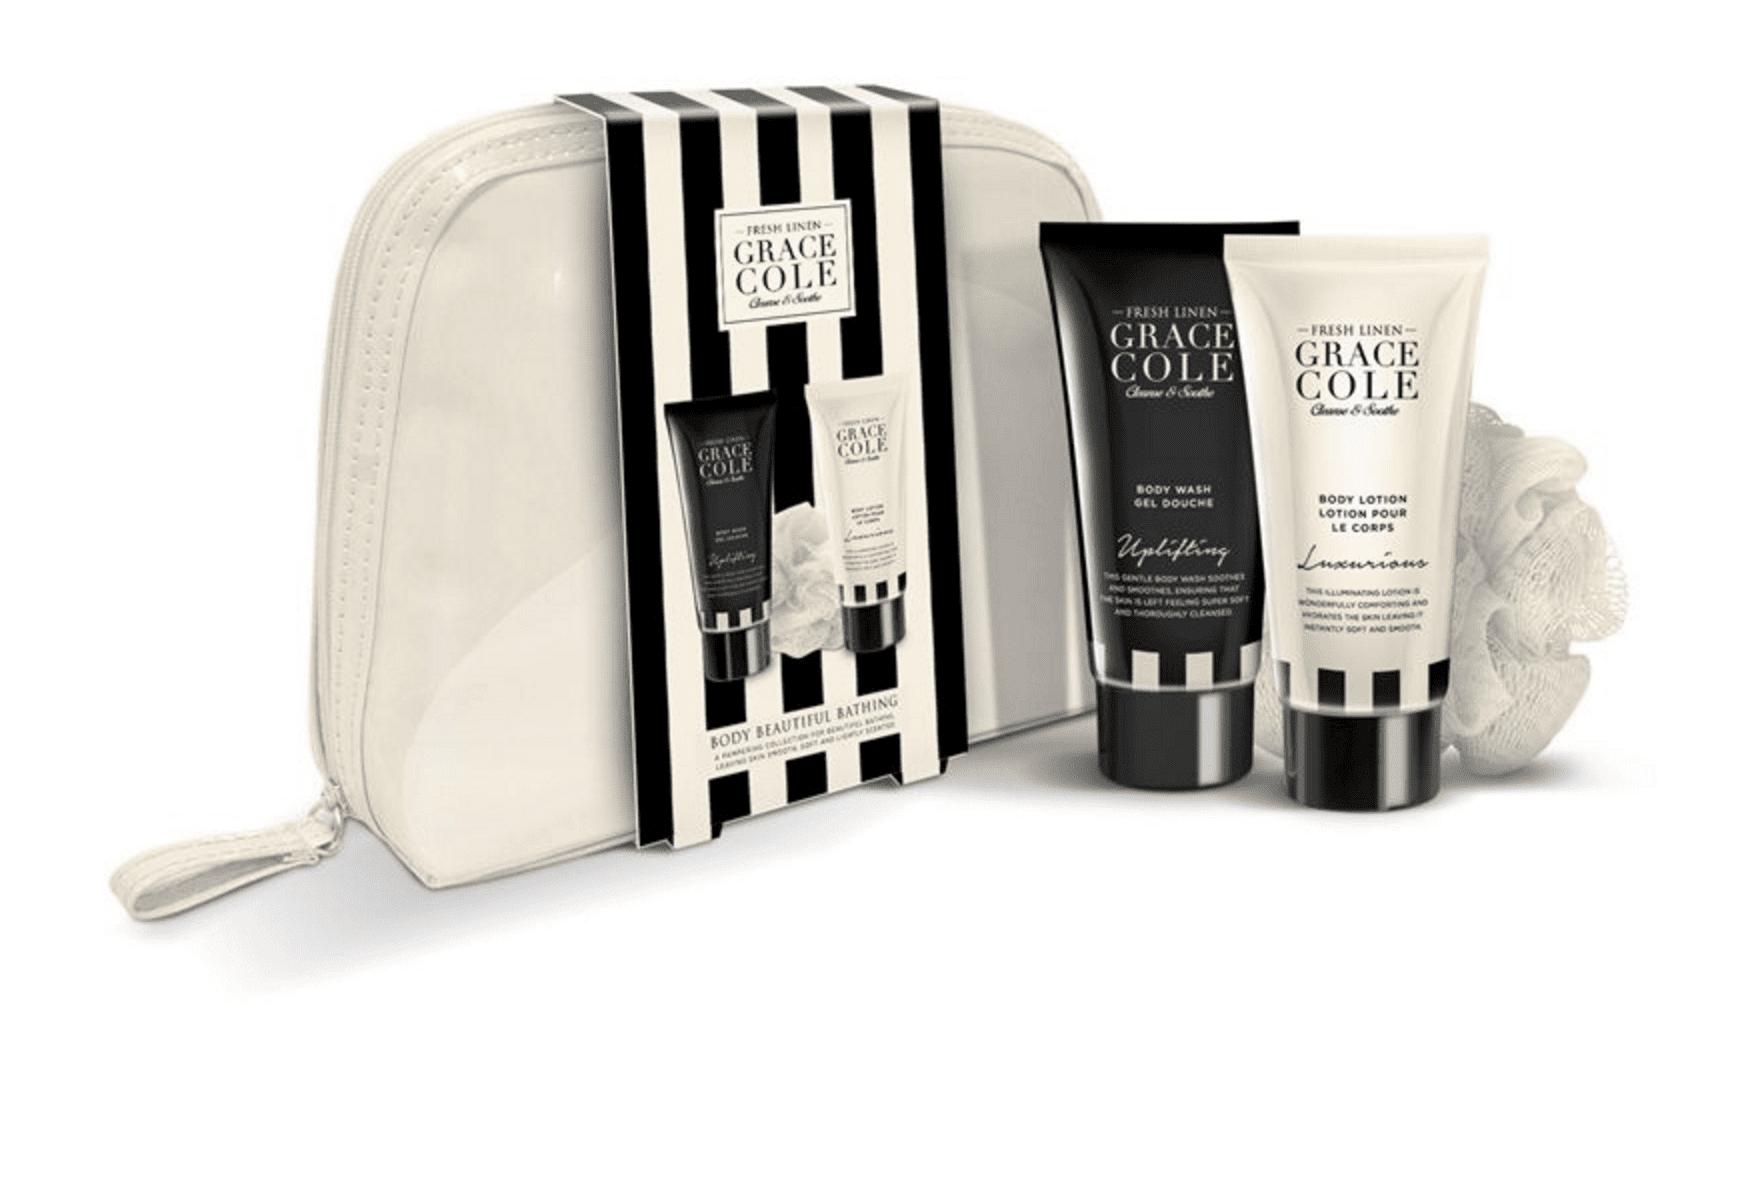 Grace Cole Fresh Linen Bathing 4 pcs Cosmeticbag Set